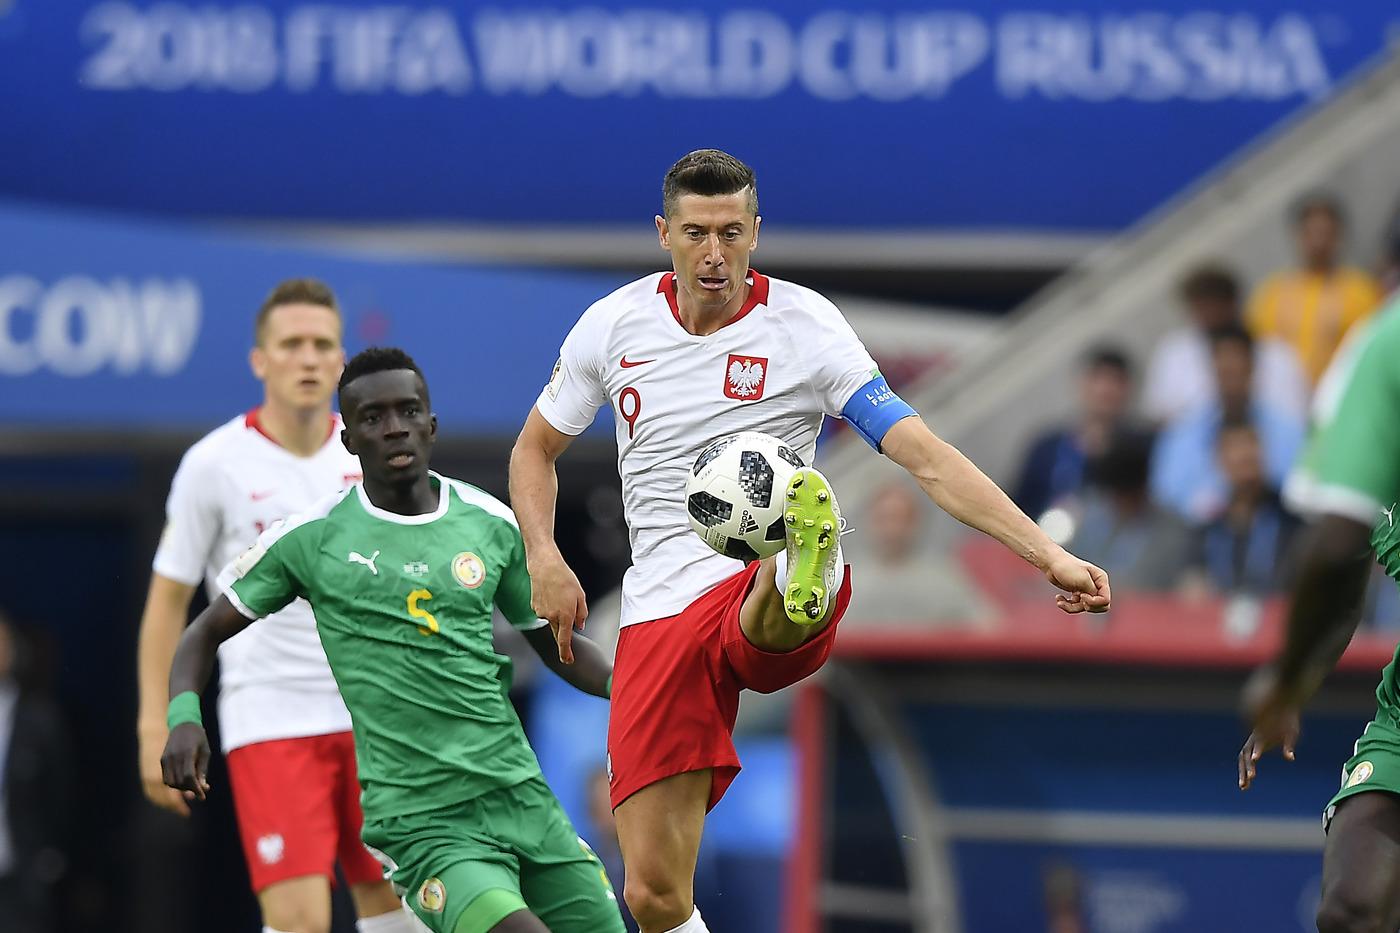 Polonia-Colombia domenica 24 giugno, analisi e pronostico Mondiali Russia 2018 girone H